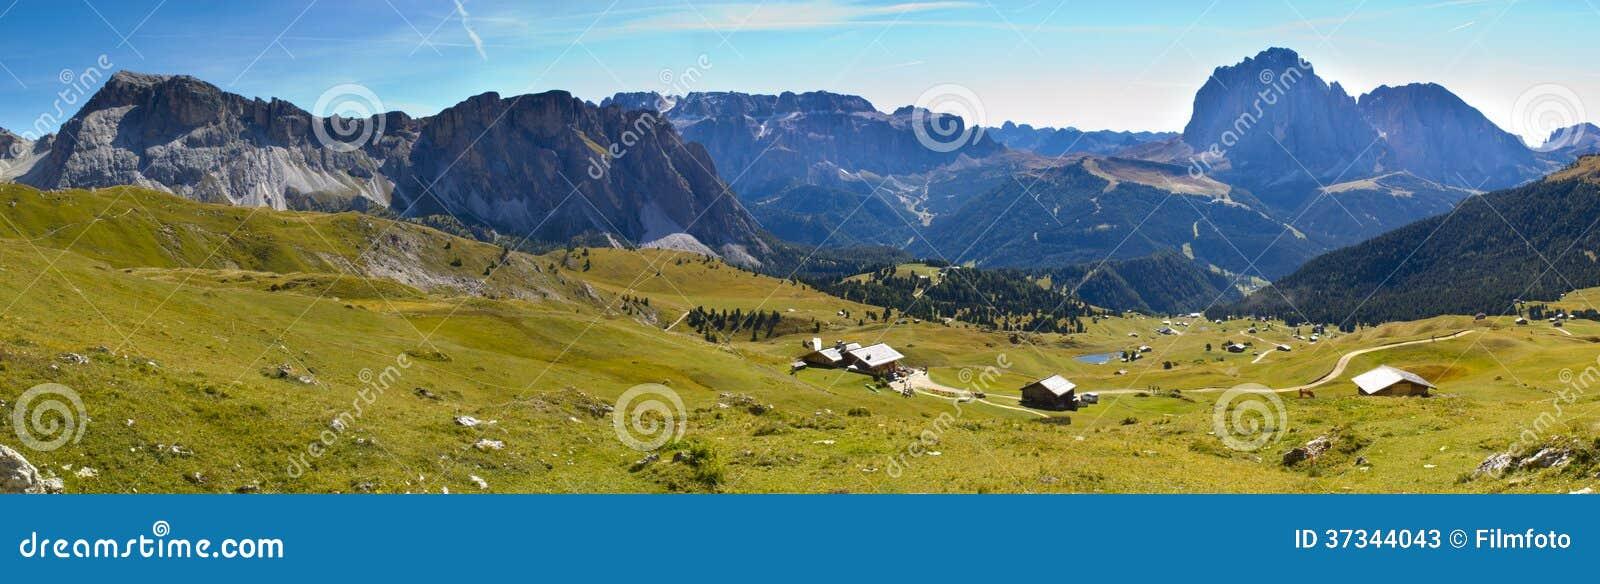 Panorama de las dolomías de las montañas